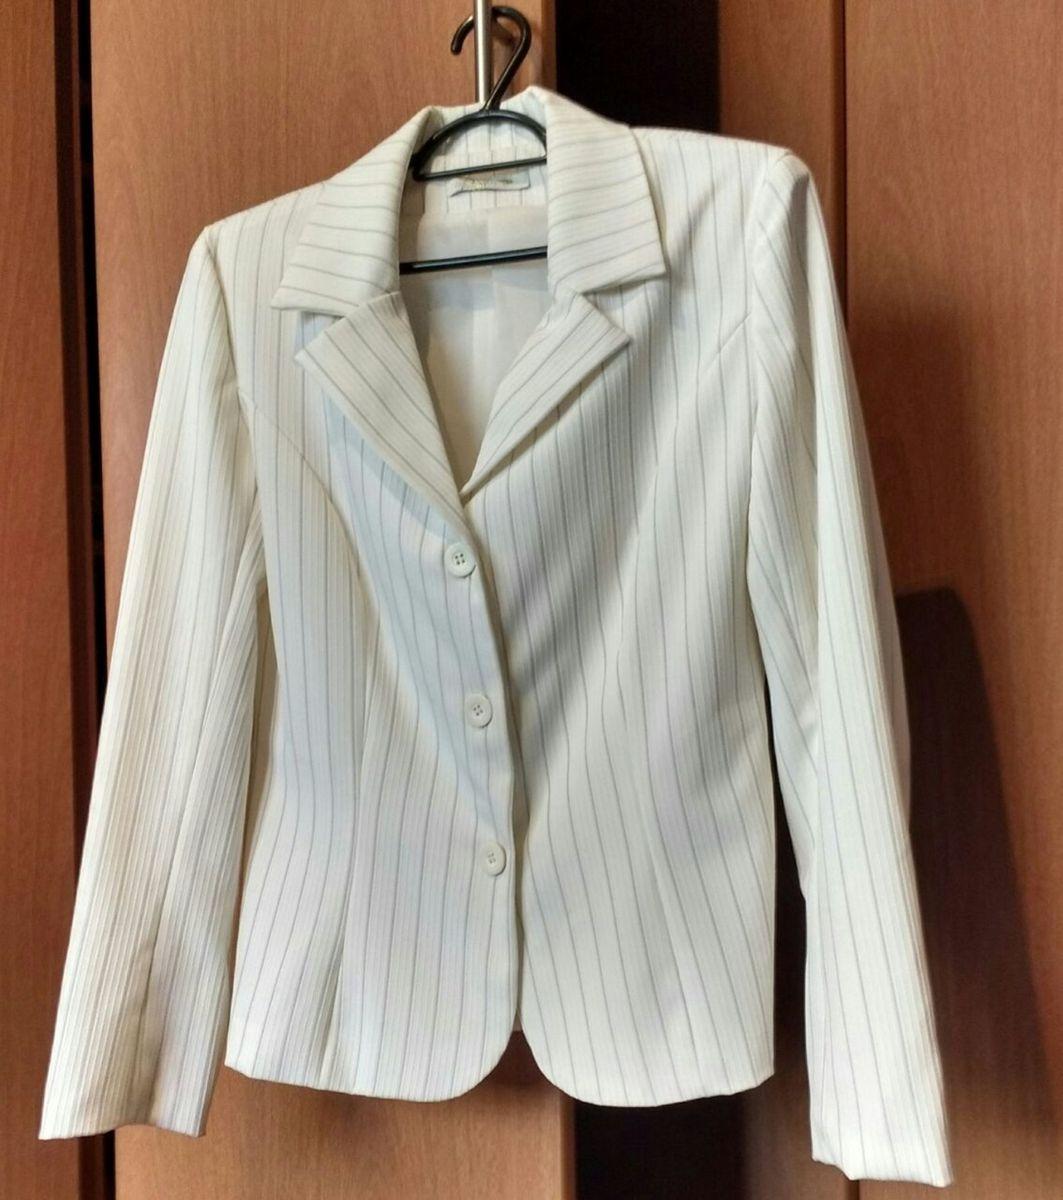 aded5e31c1 blazer branco listrado - blazer sem marca.  Czm6ly9wag90b3muzw5qb2vplmnvbs5ici9wcm9kdwn0cy80otewmdevmwmyowvlmwe0yzq5m2zhmzy1mdfkyjexytblmtqzzjguanbn  ...